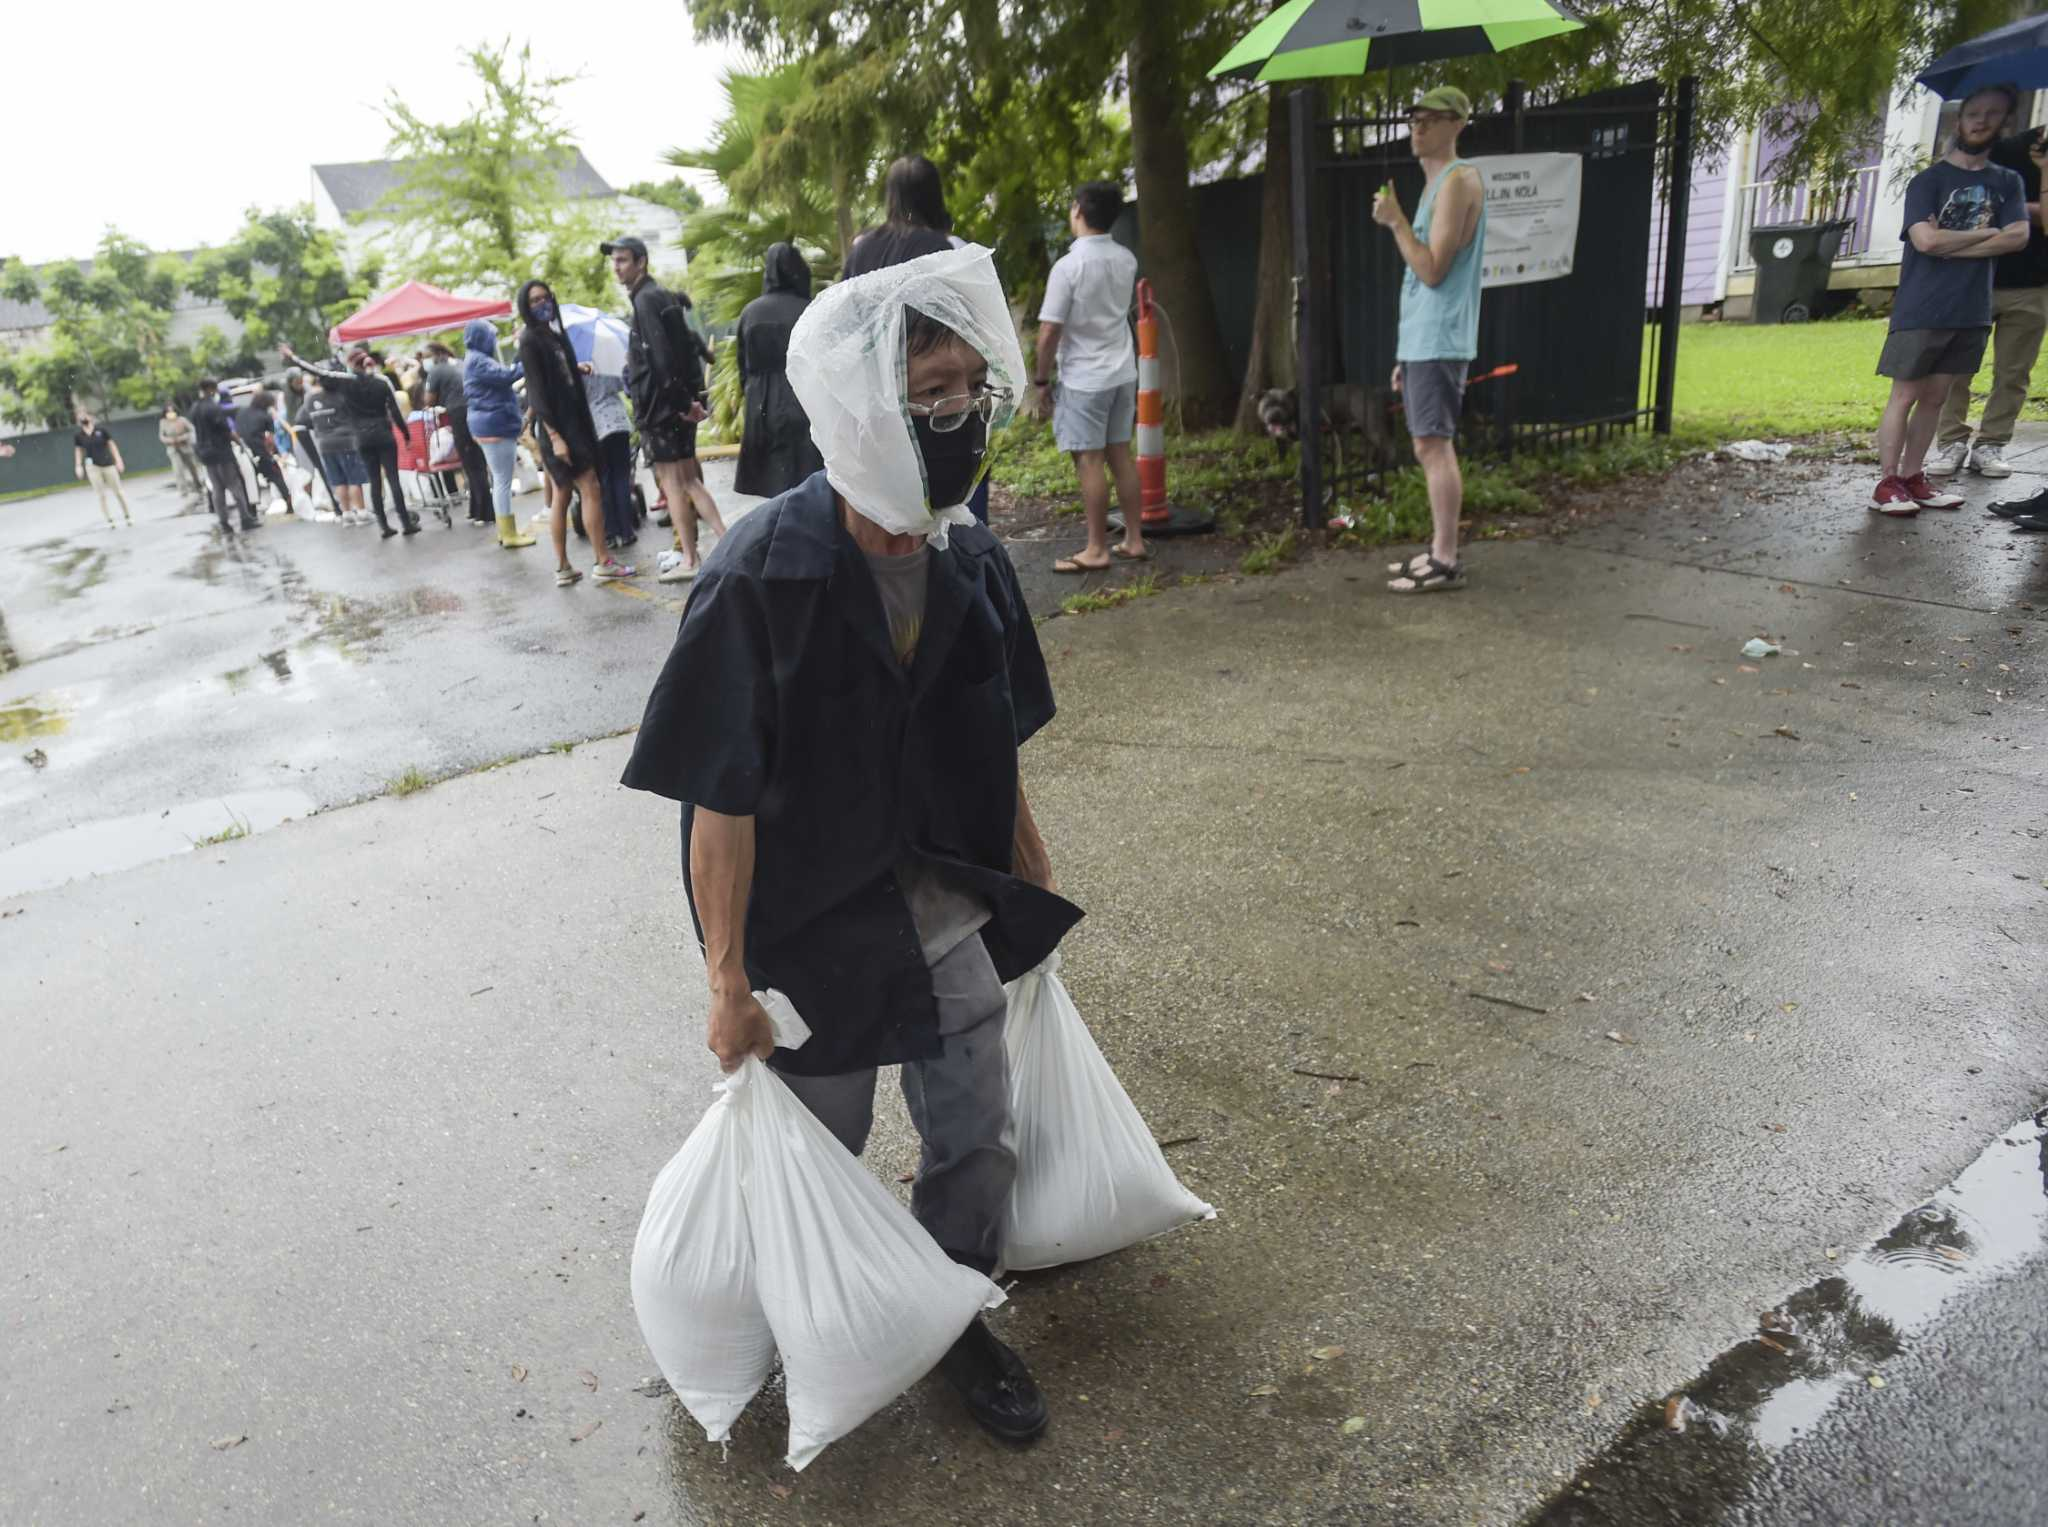 Ida aims to hit Louisiana on Hurricane Katrina anniversary